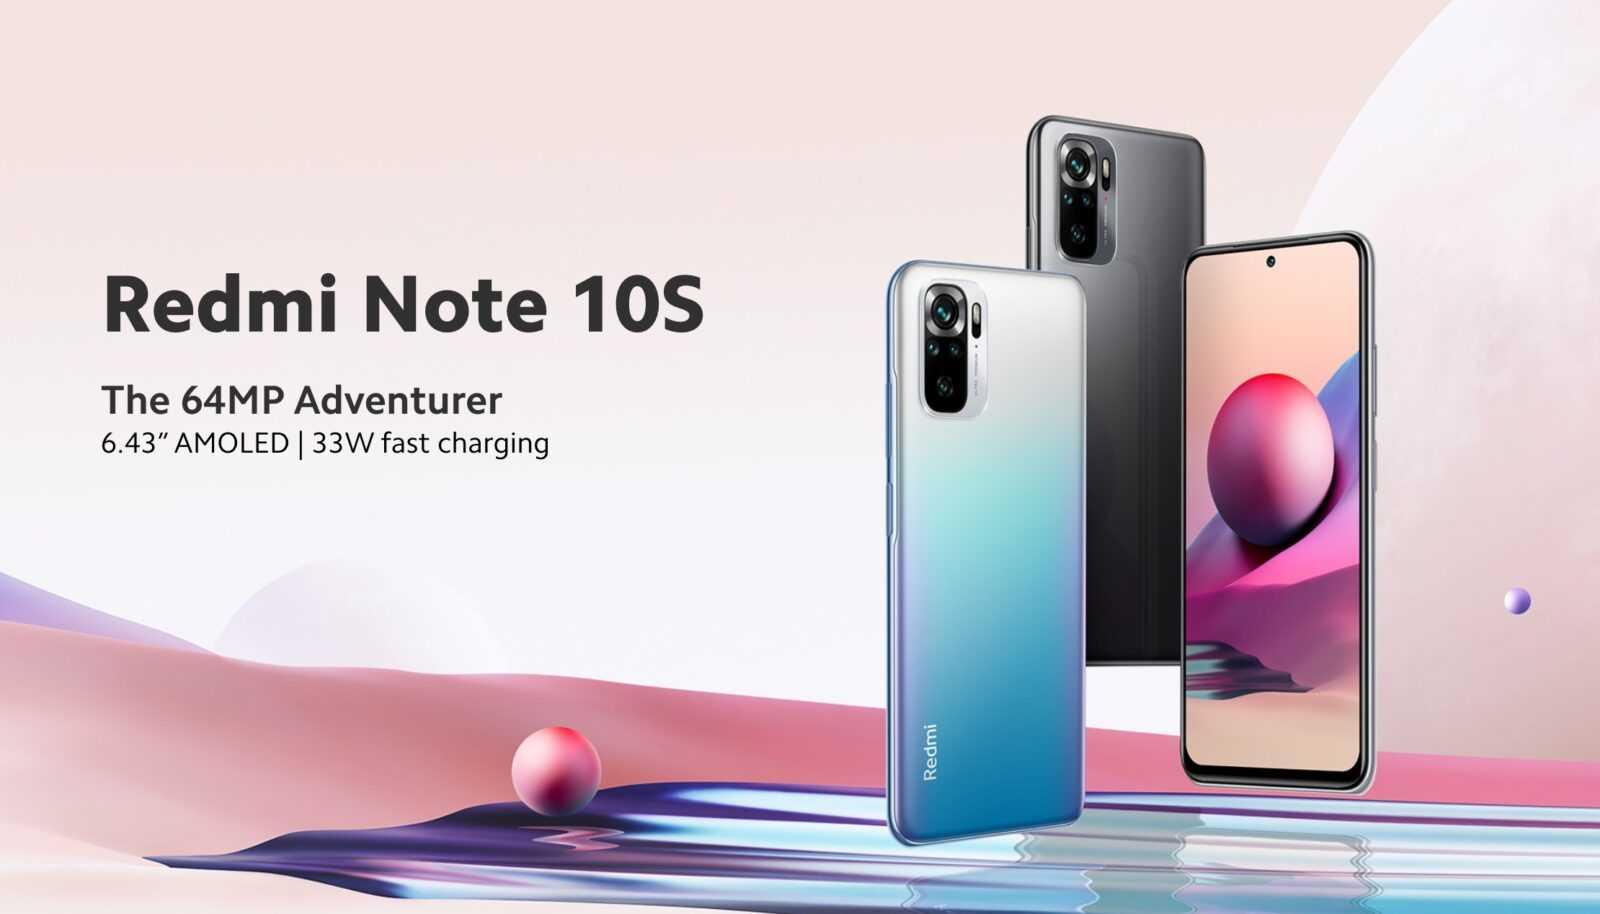 Лучшие доступные смартфоны первого квартала 2021 года (redmi note 10s on)